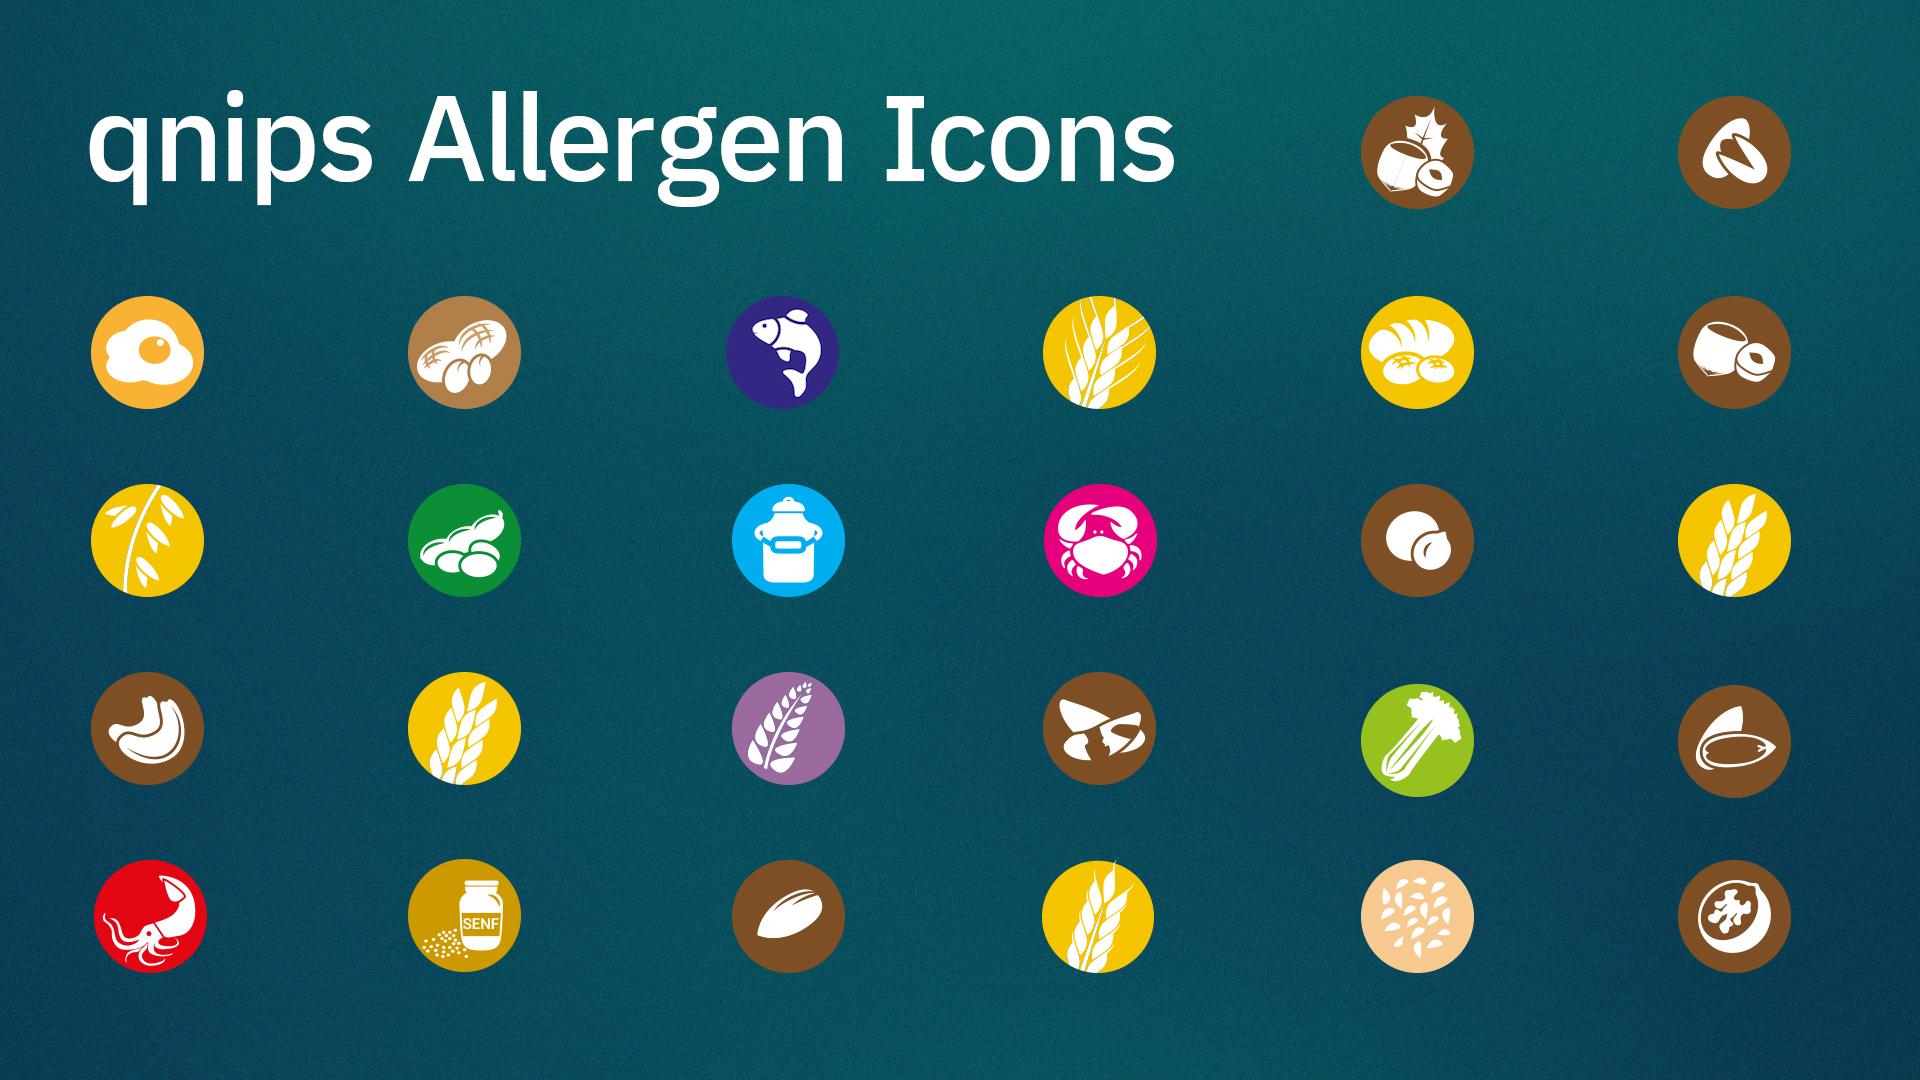 qnips Allergen Icons